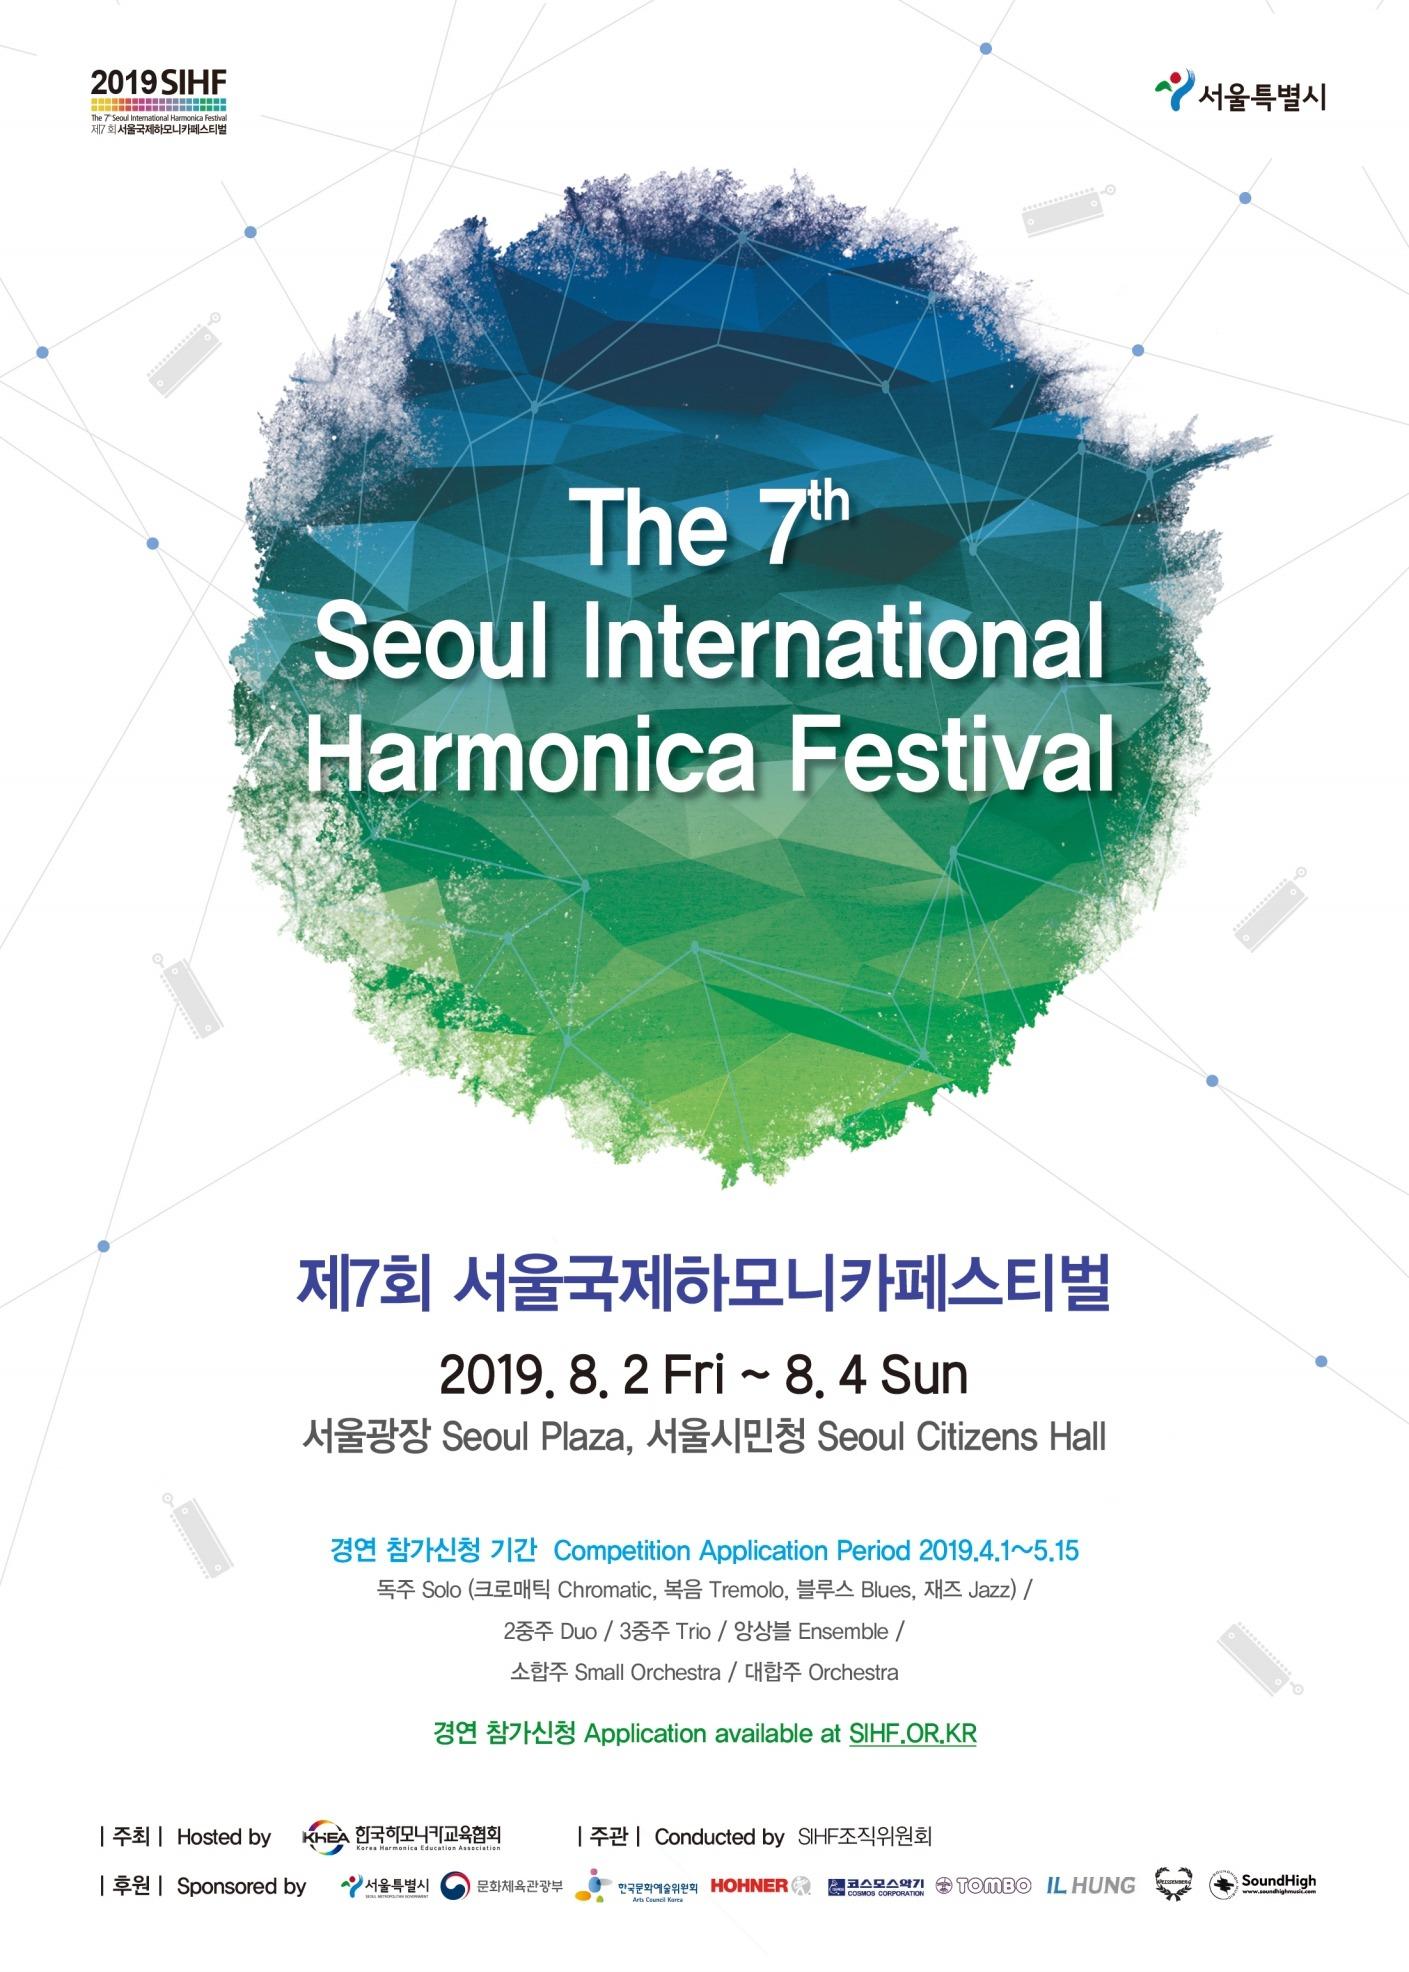 서울국제하모니카페스티벌 조직위, 제7회 서울국제하모니카페스티벌 경연 개최 하기로